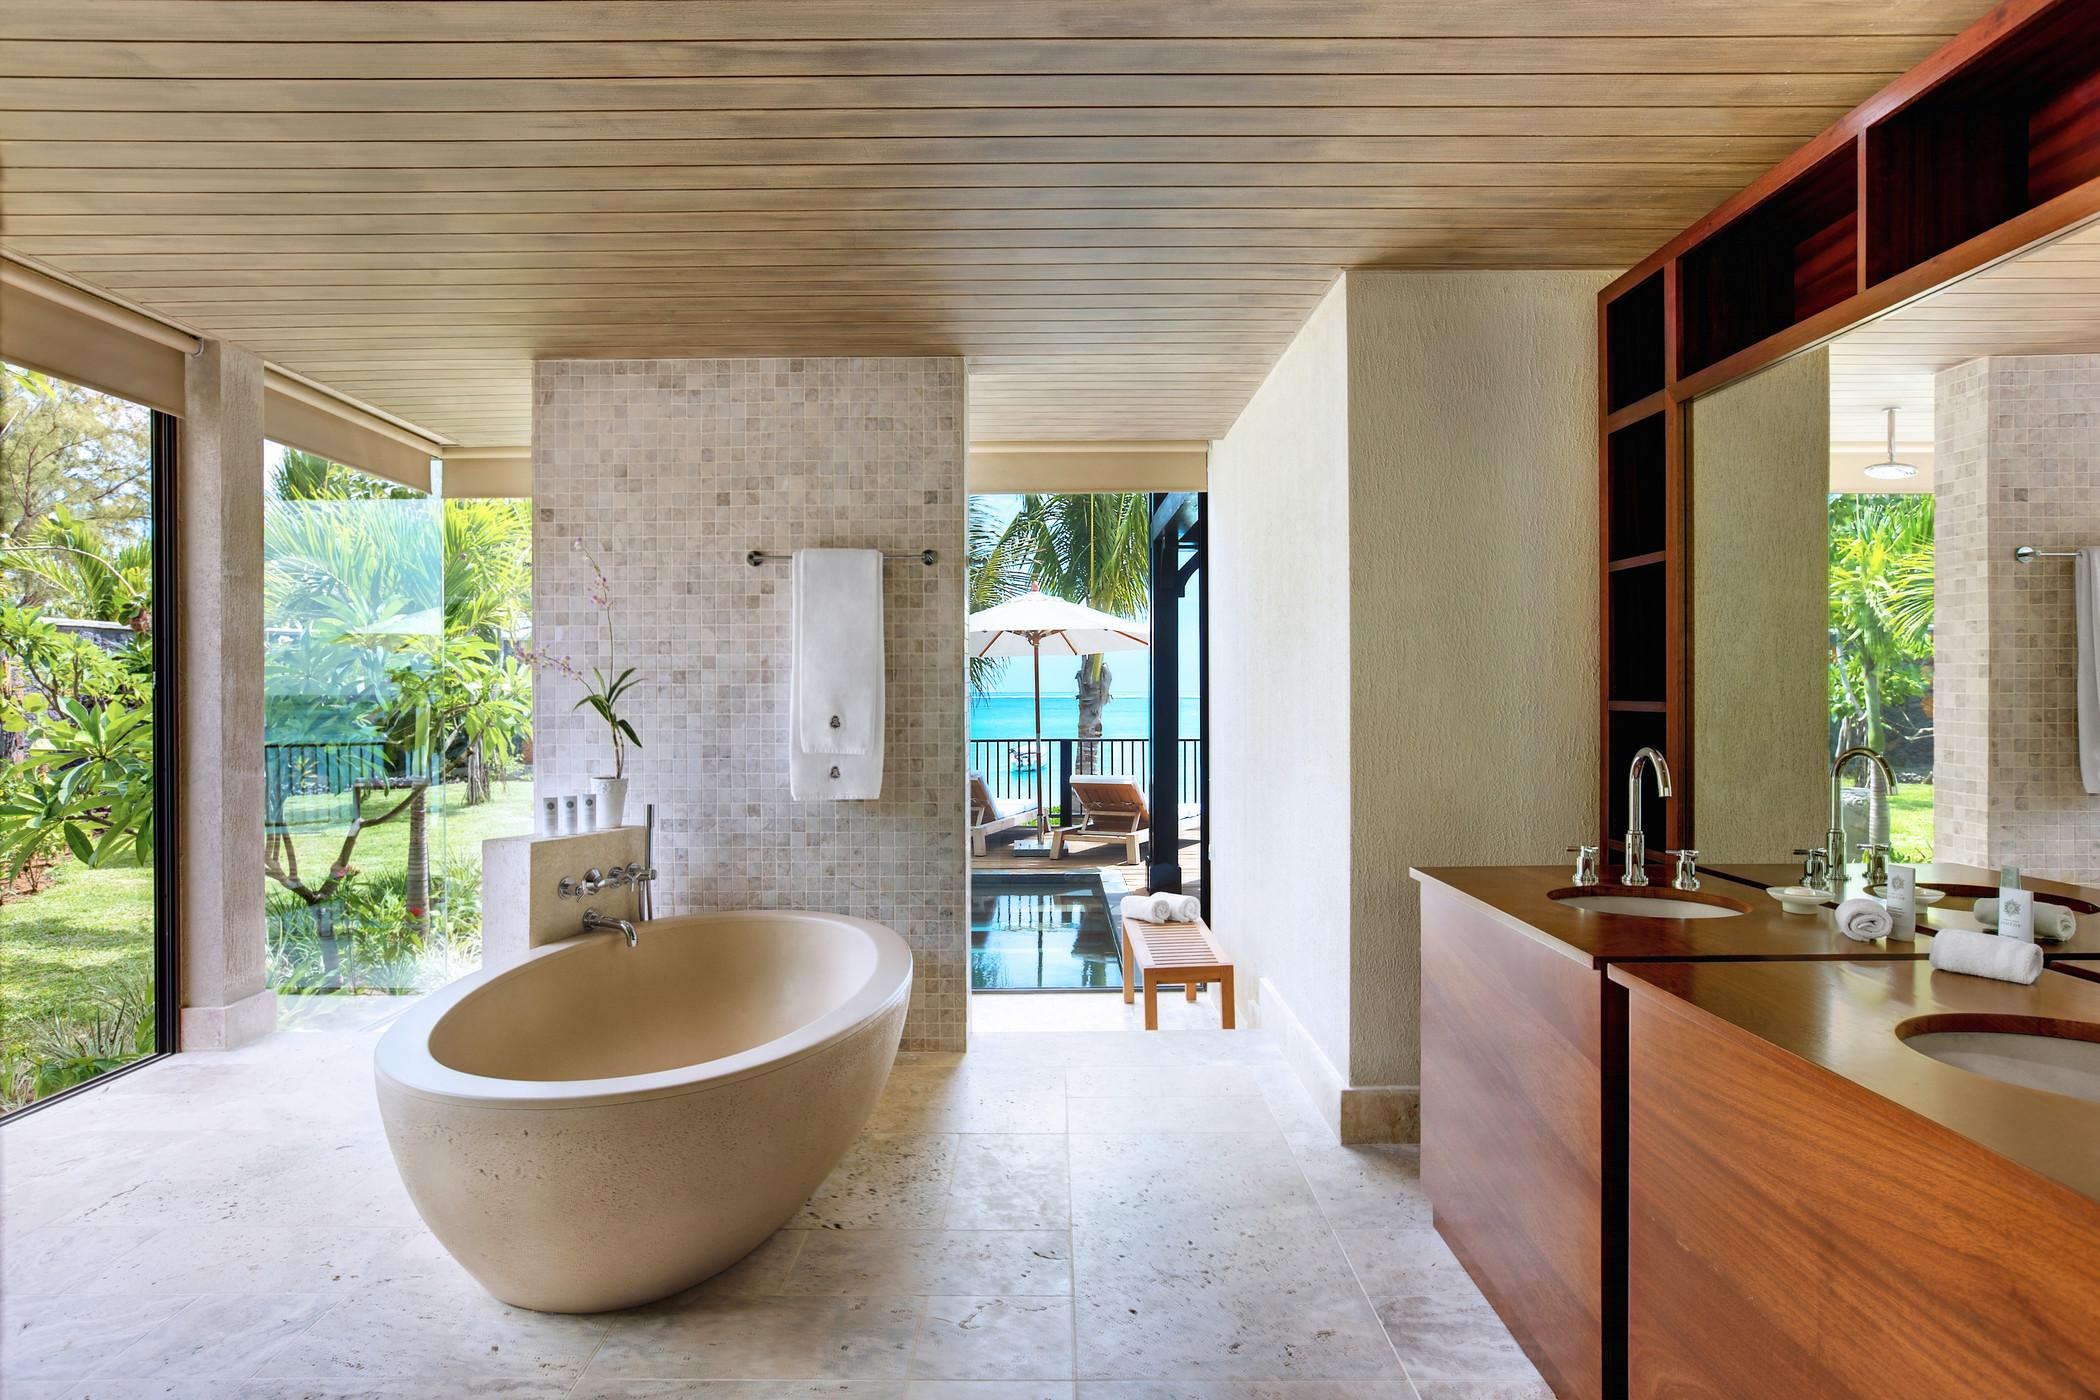 str3459gb-152380-The St Regis Villa Master Bathroom.jpg